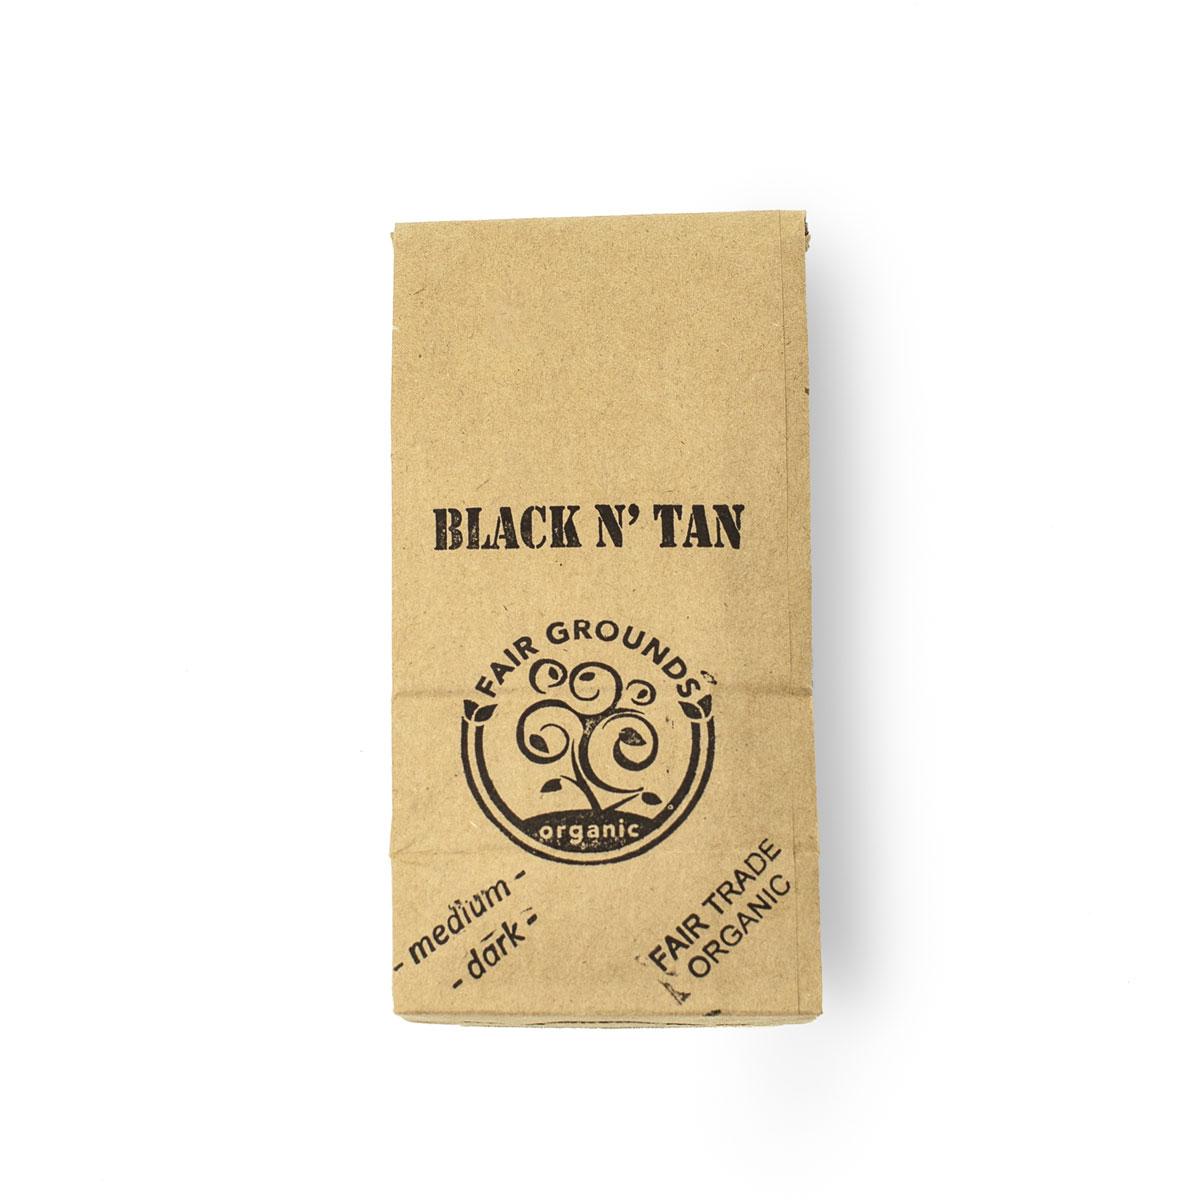 Fair Grounds Coffee Black N' Tan Fair Trade Organic 1/2lb Beans